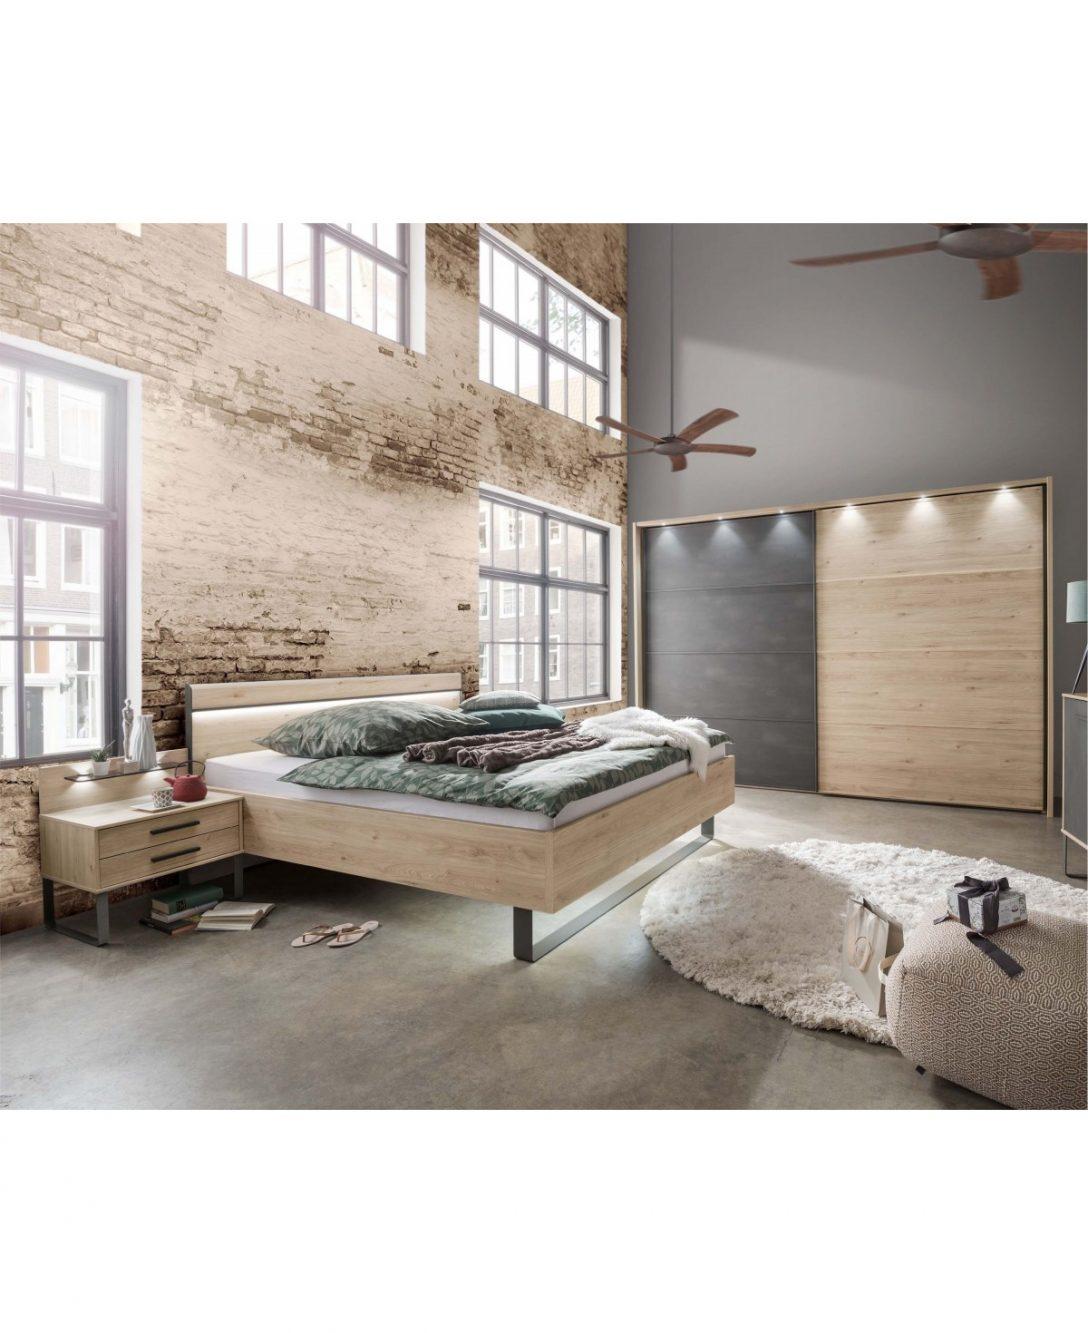 Large Size of Komplette Schlafzimmer Wiemann Brssel Schrank Bett Nachttisch 160x200 Komplettes Komplett Mit Lattenrost Und Matratze Günstig Klimagerät Für Weiß Regal Schlafzimmer Komplette Schlafzimmer